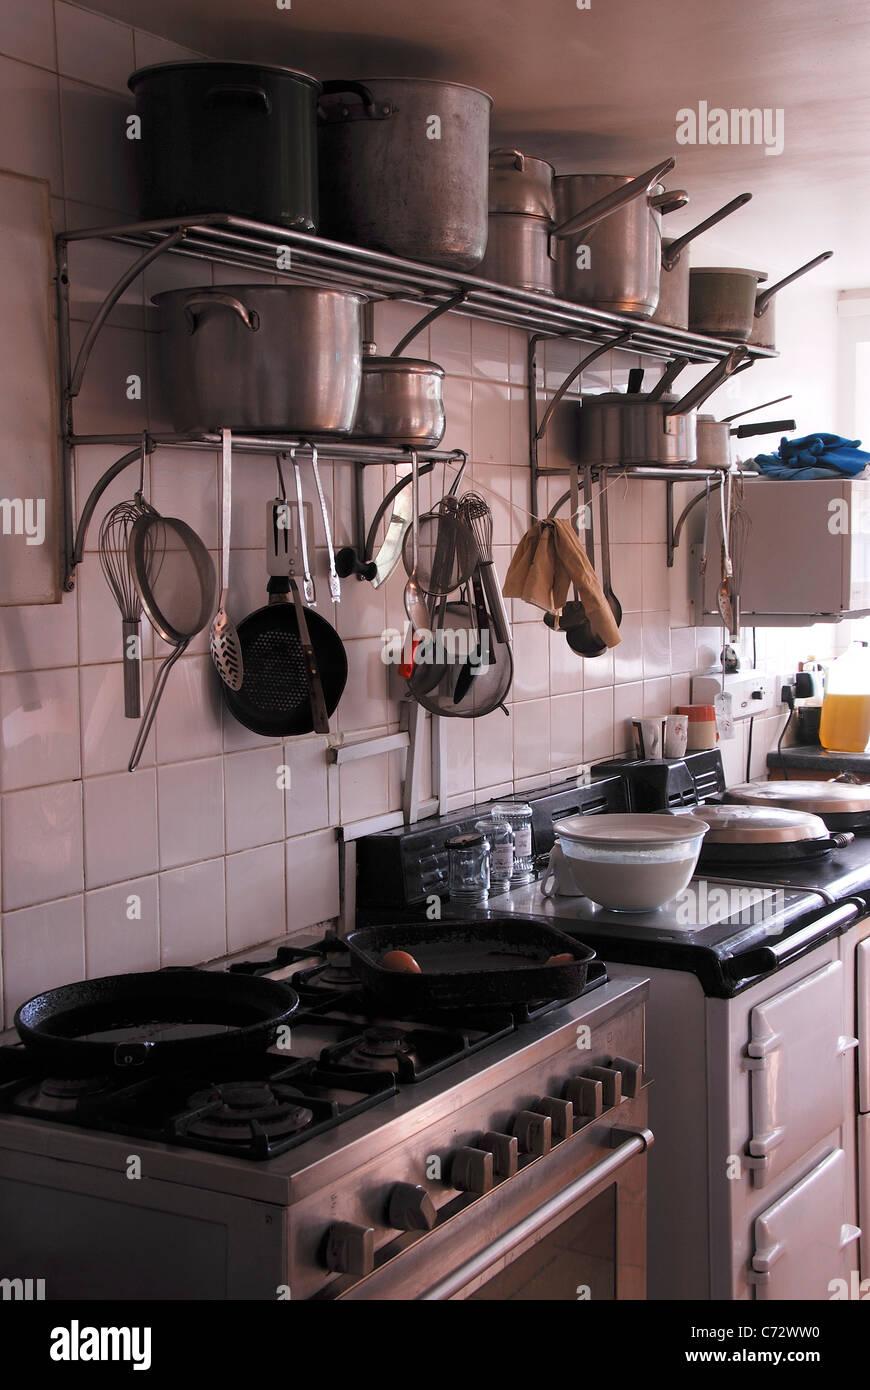 Aga Kitchen Stockfotos & Aga Kitchen Bilder - Seite 2 - Alamy